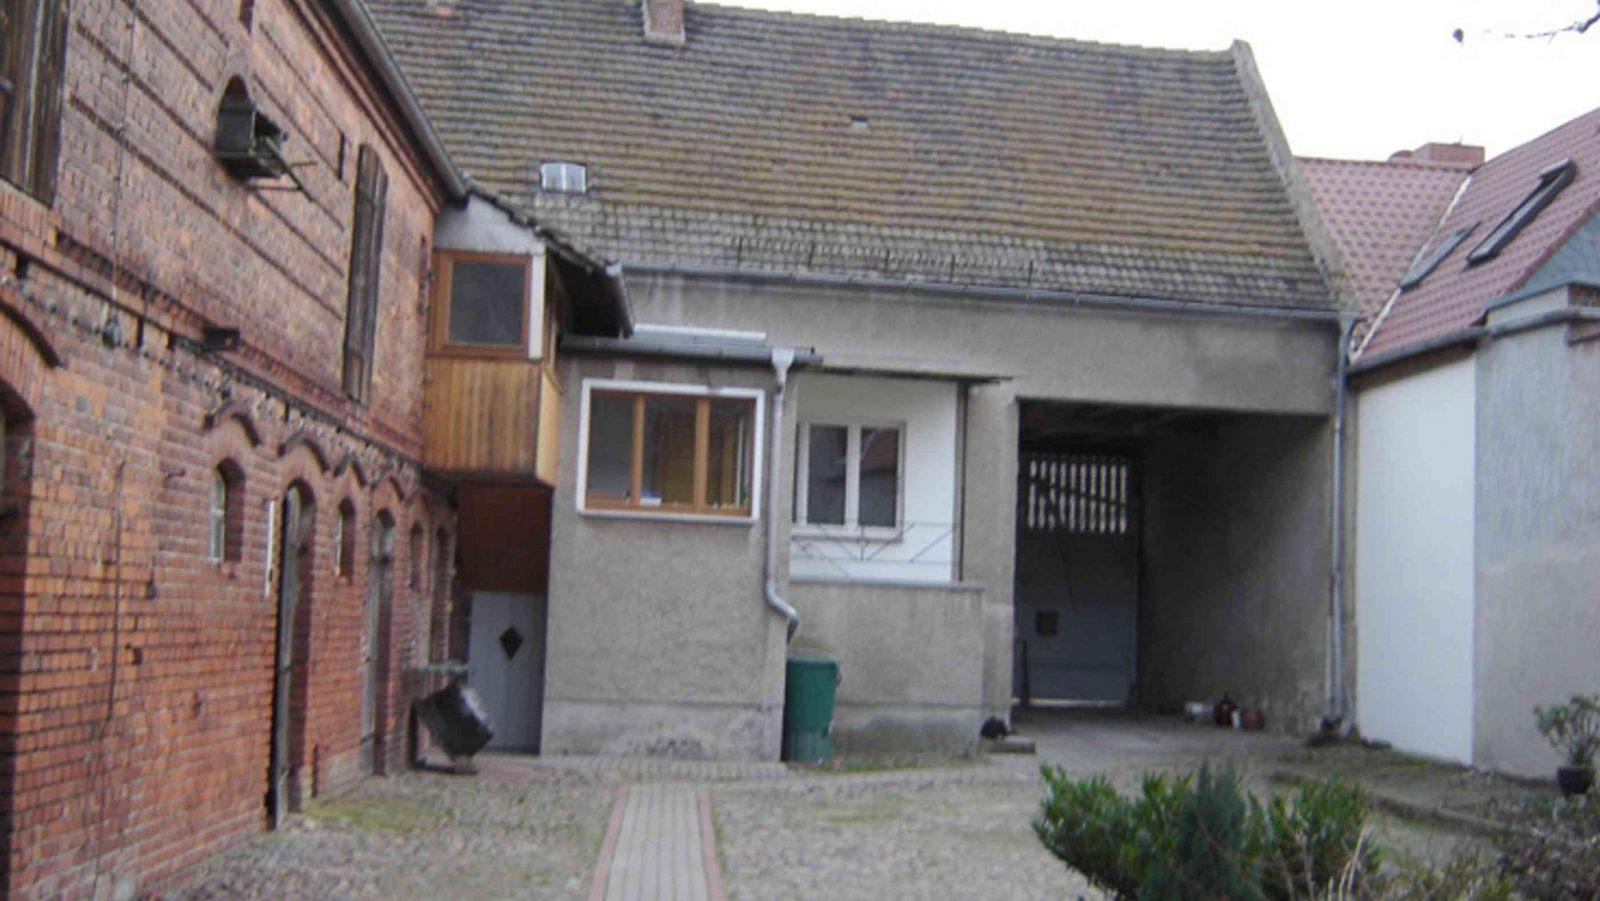 Altes Haus Umbauen Architektin Saniert Dreiseithof Bei Magdeburg von Altes Haus Sanieren Vorher Nachher Photo